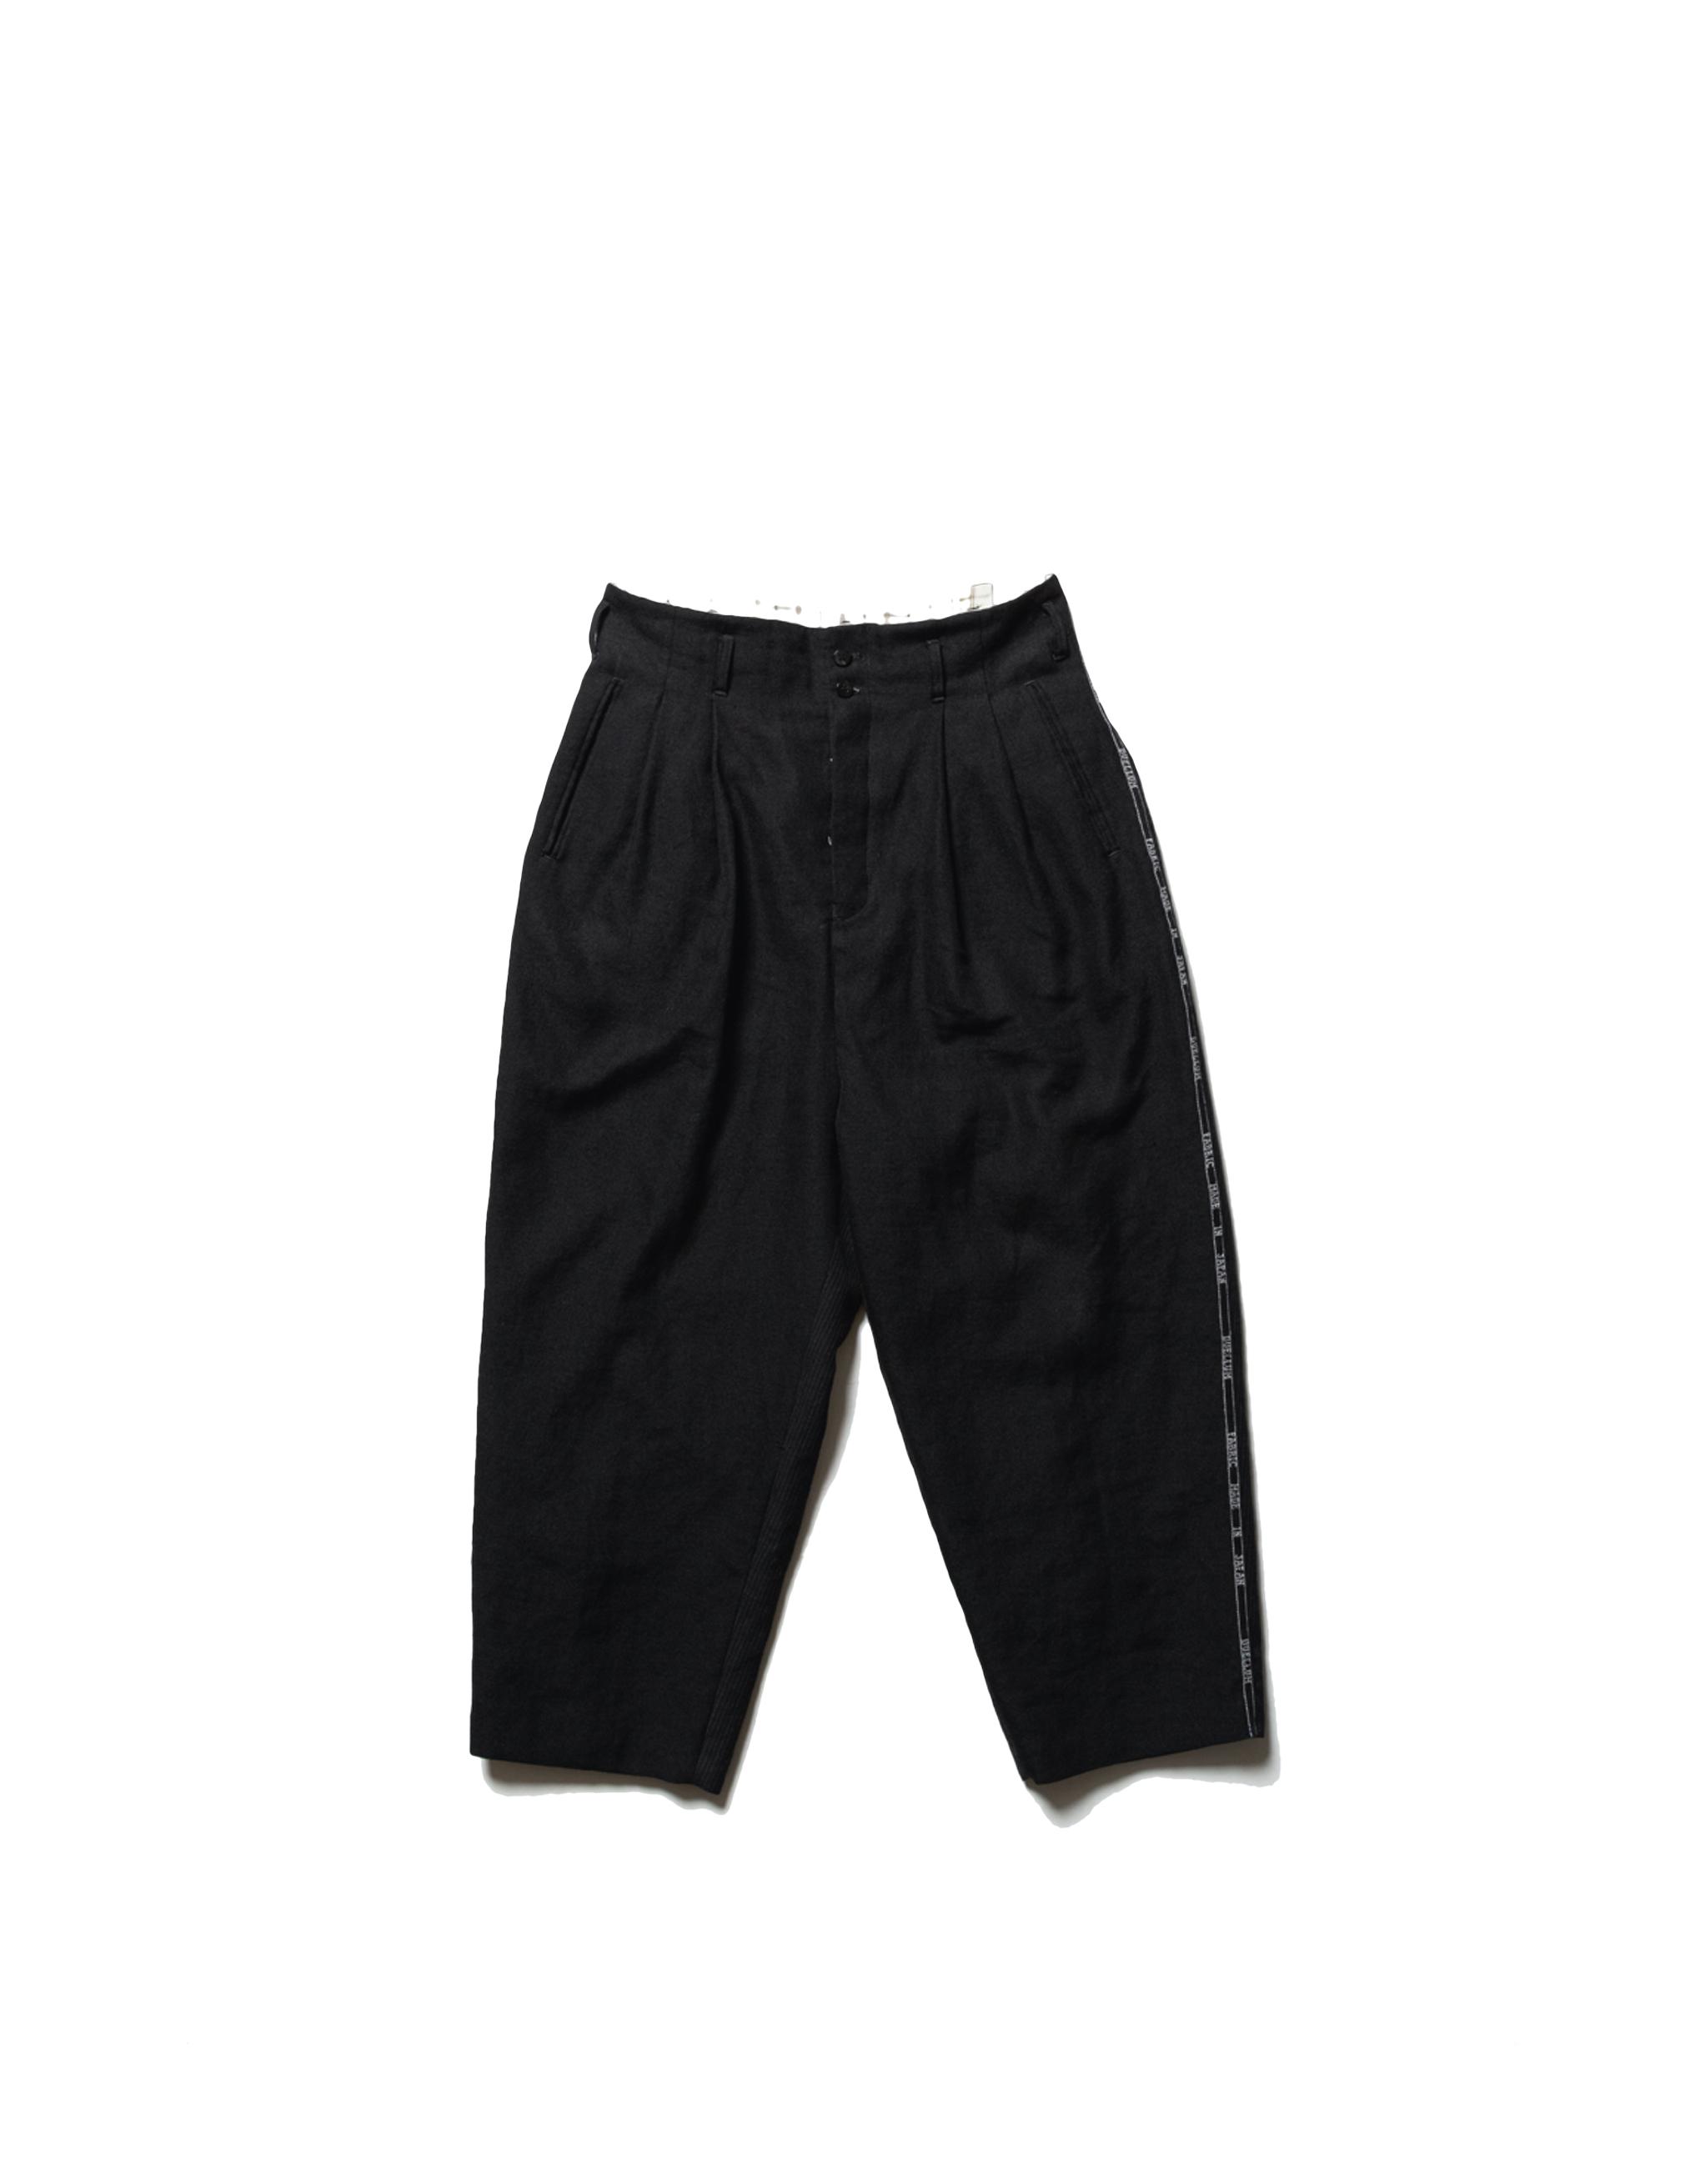 DUELLUM Wool & Linen Black Trousers